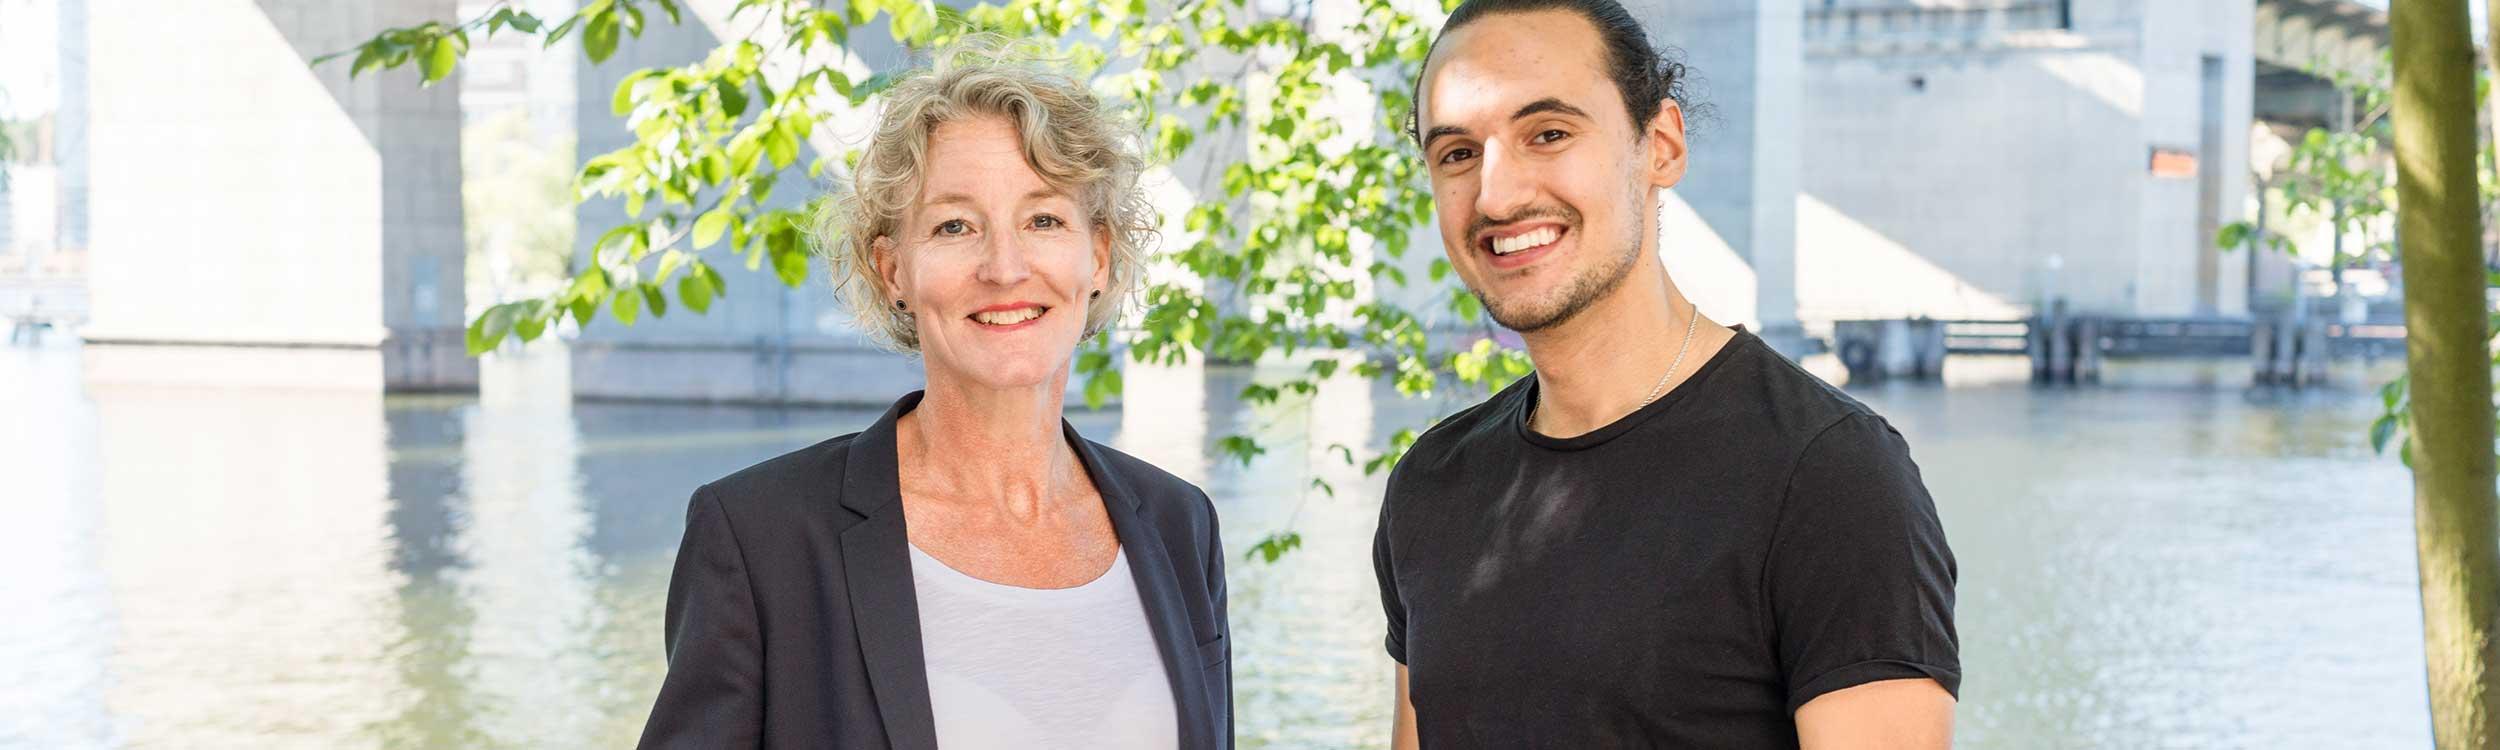 Bemanningsföretag Stockholm - vi hjälper dig med bemanning och konsultuthyrning